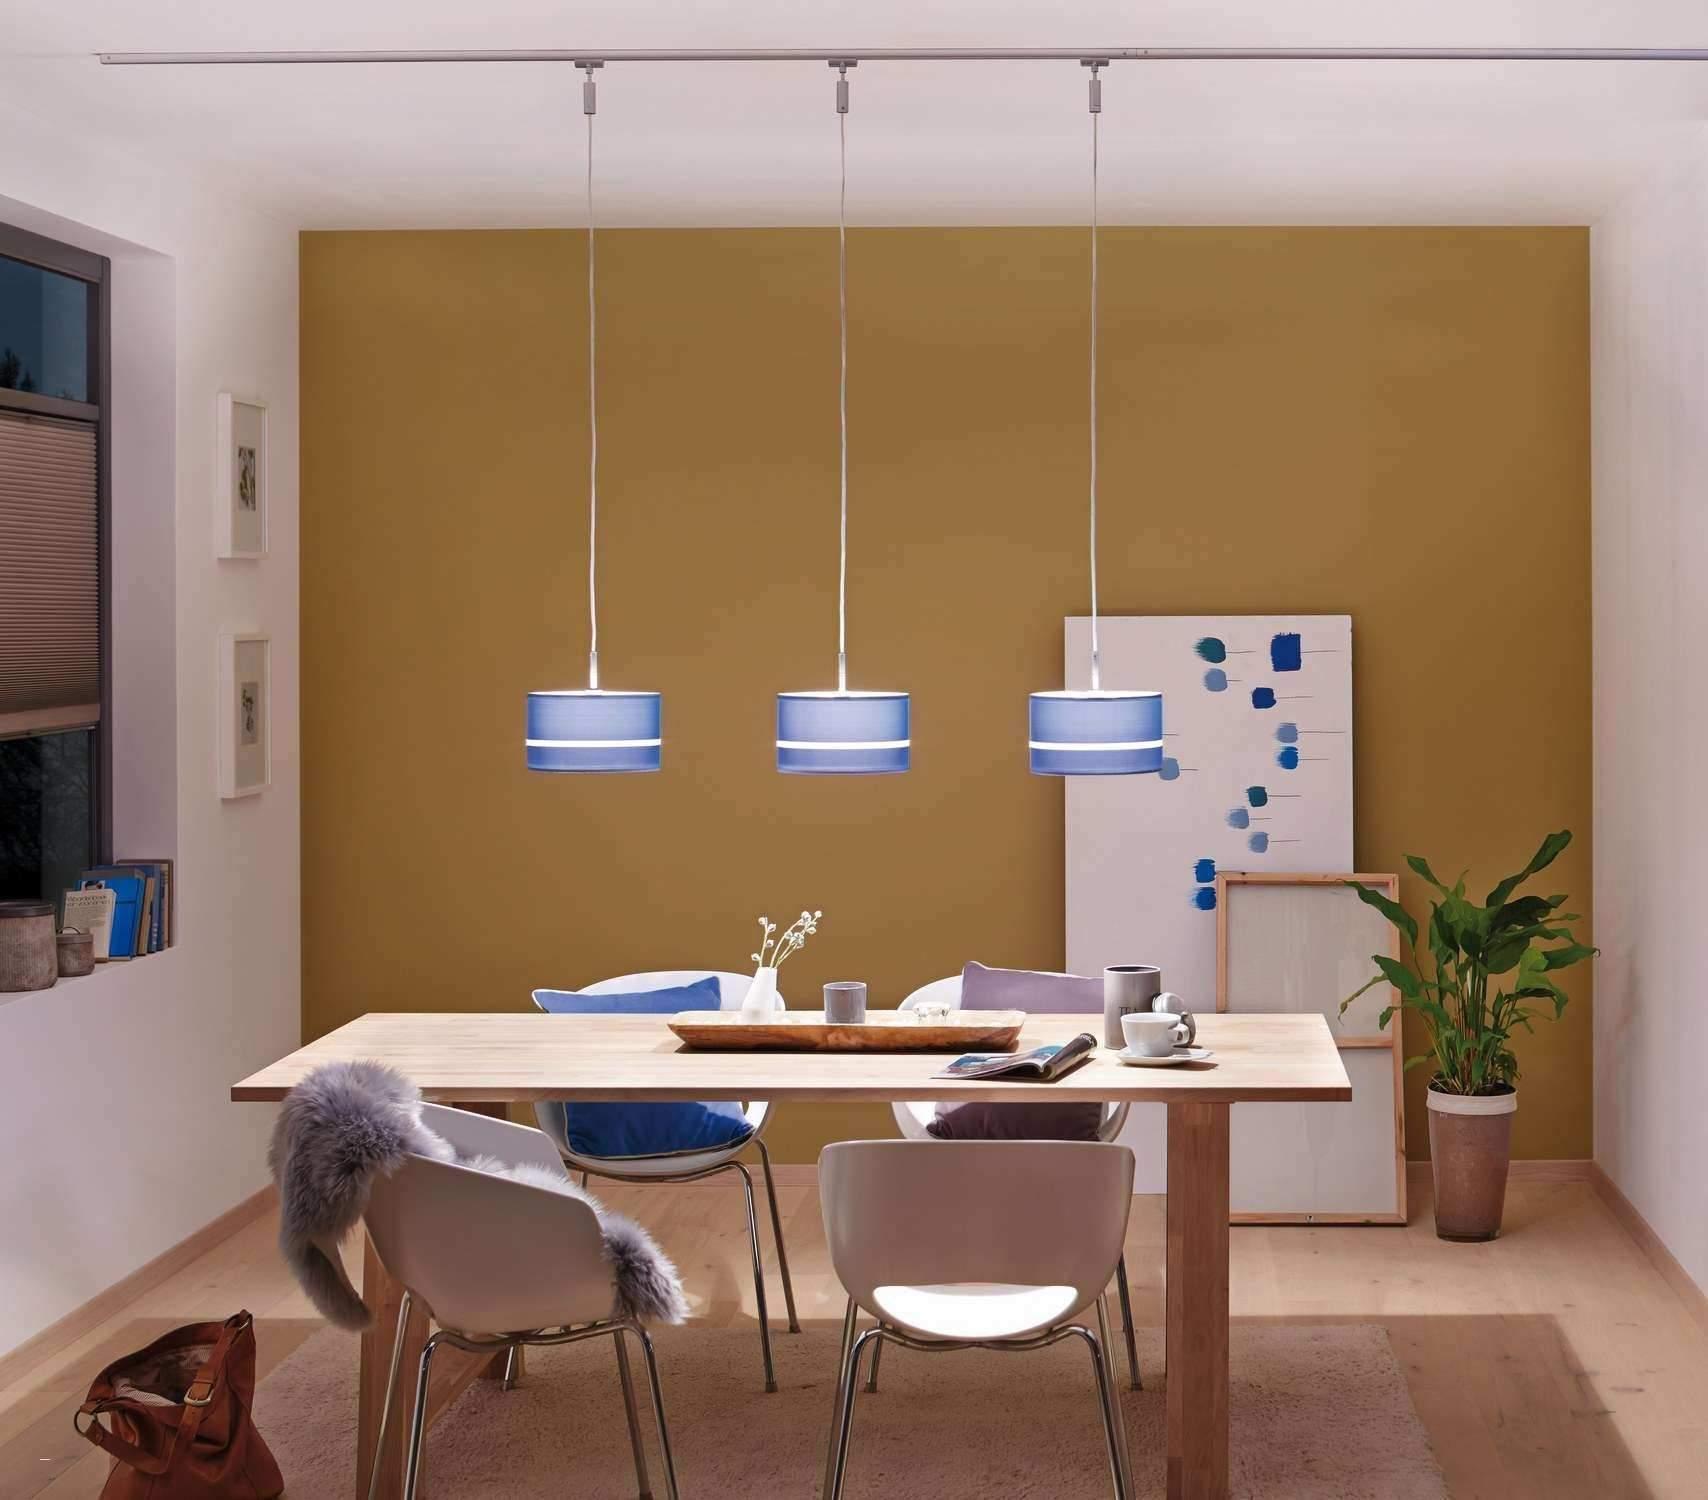 Full Size of Deckenlampen Schlafzimmer Modern Deckenlampe Dimmbar Deckenleuchte Ikea Design Led Moderne Amazon Landhaus Wohnzimmer Einzigartig Neu Wandlampe Sessel Schrank Wohnzimmer Deckenlampen Schlafzimmer